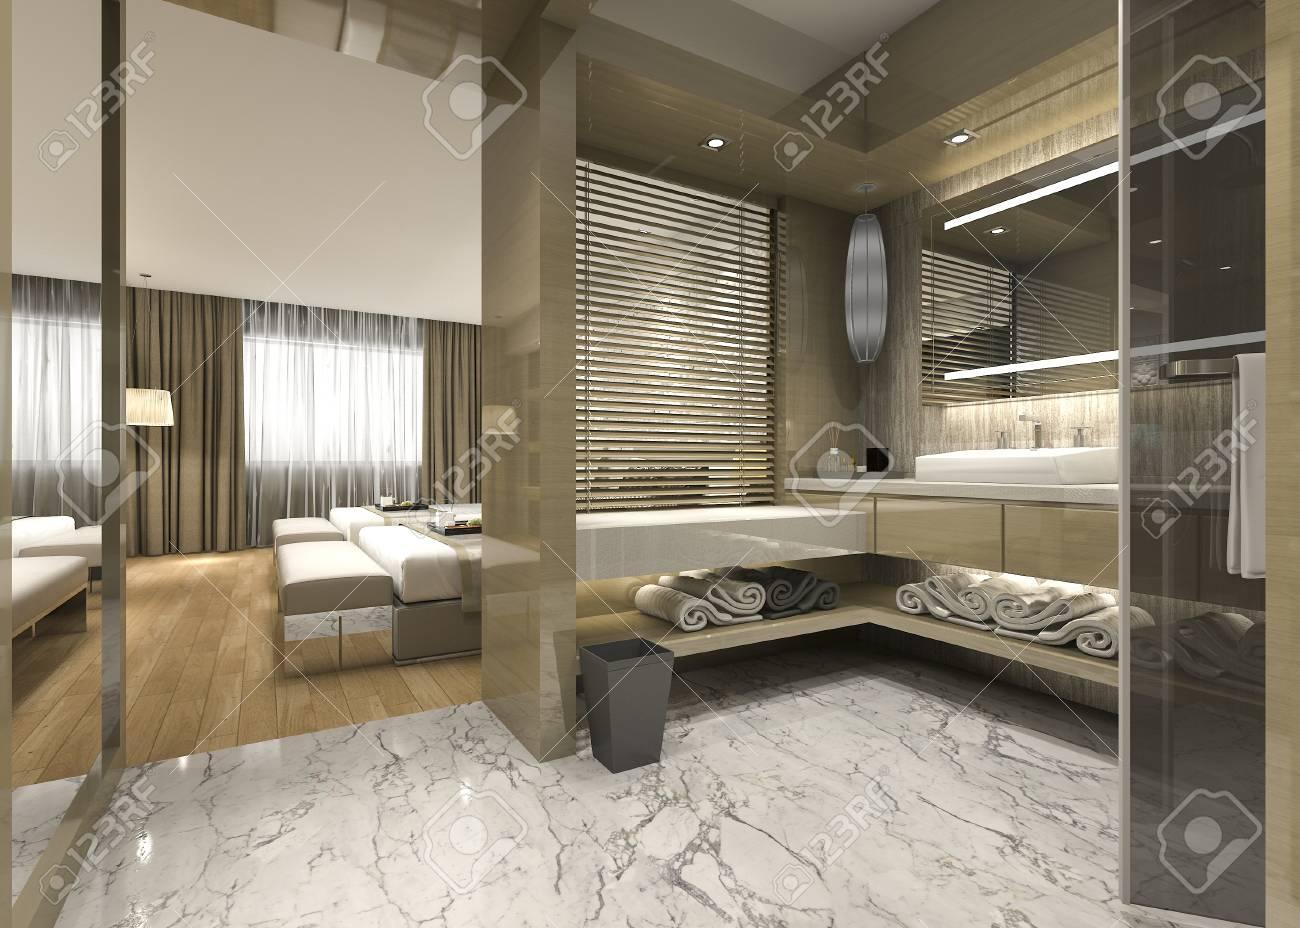 salle de bain moderne de luxe